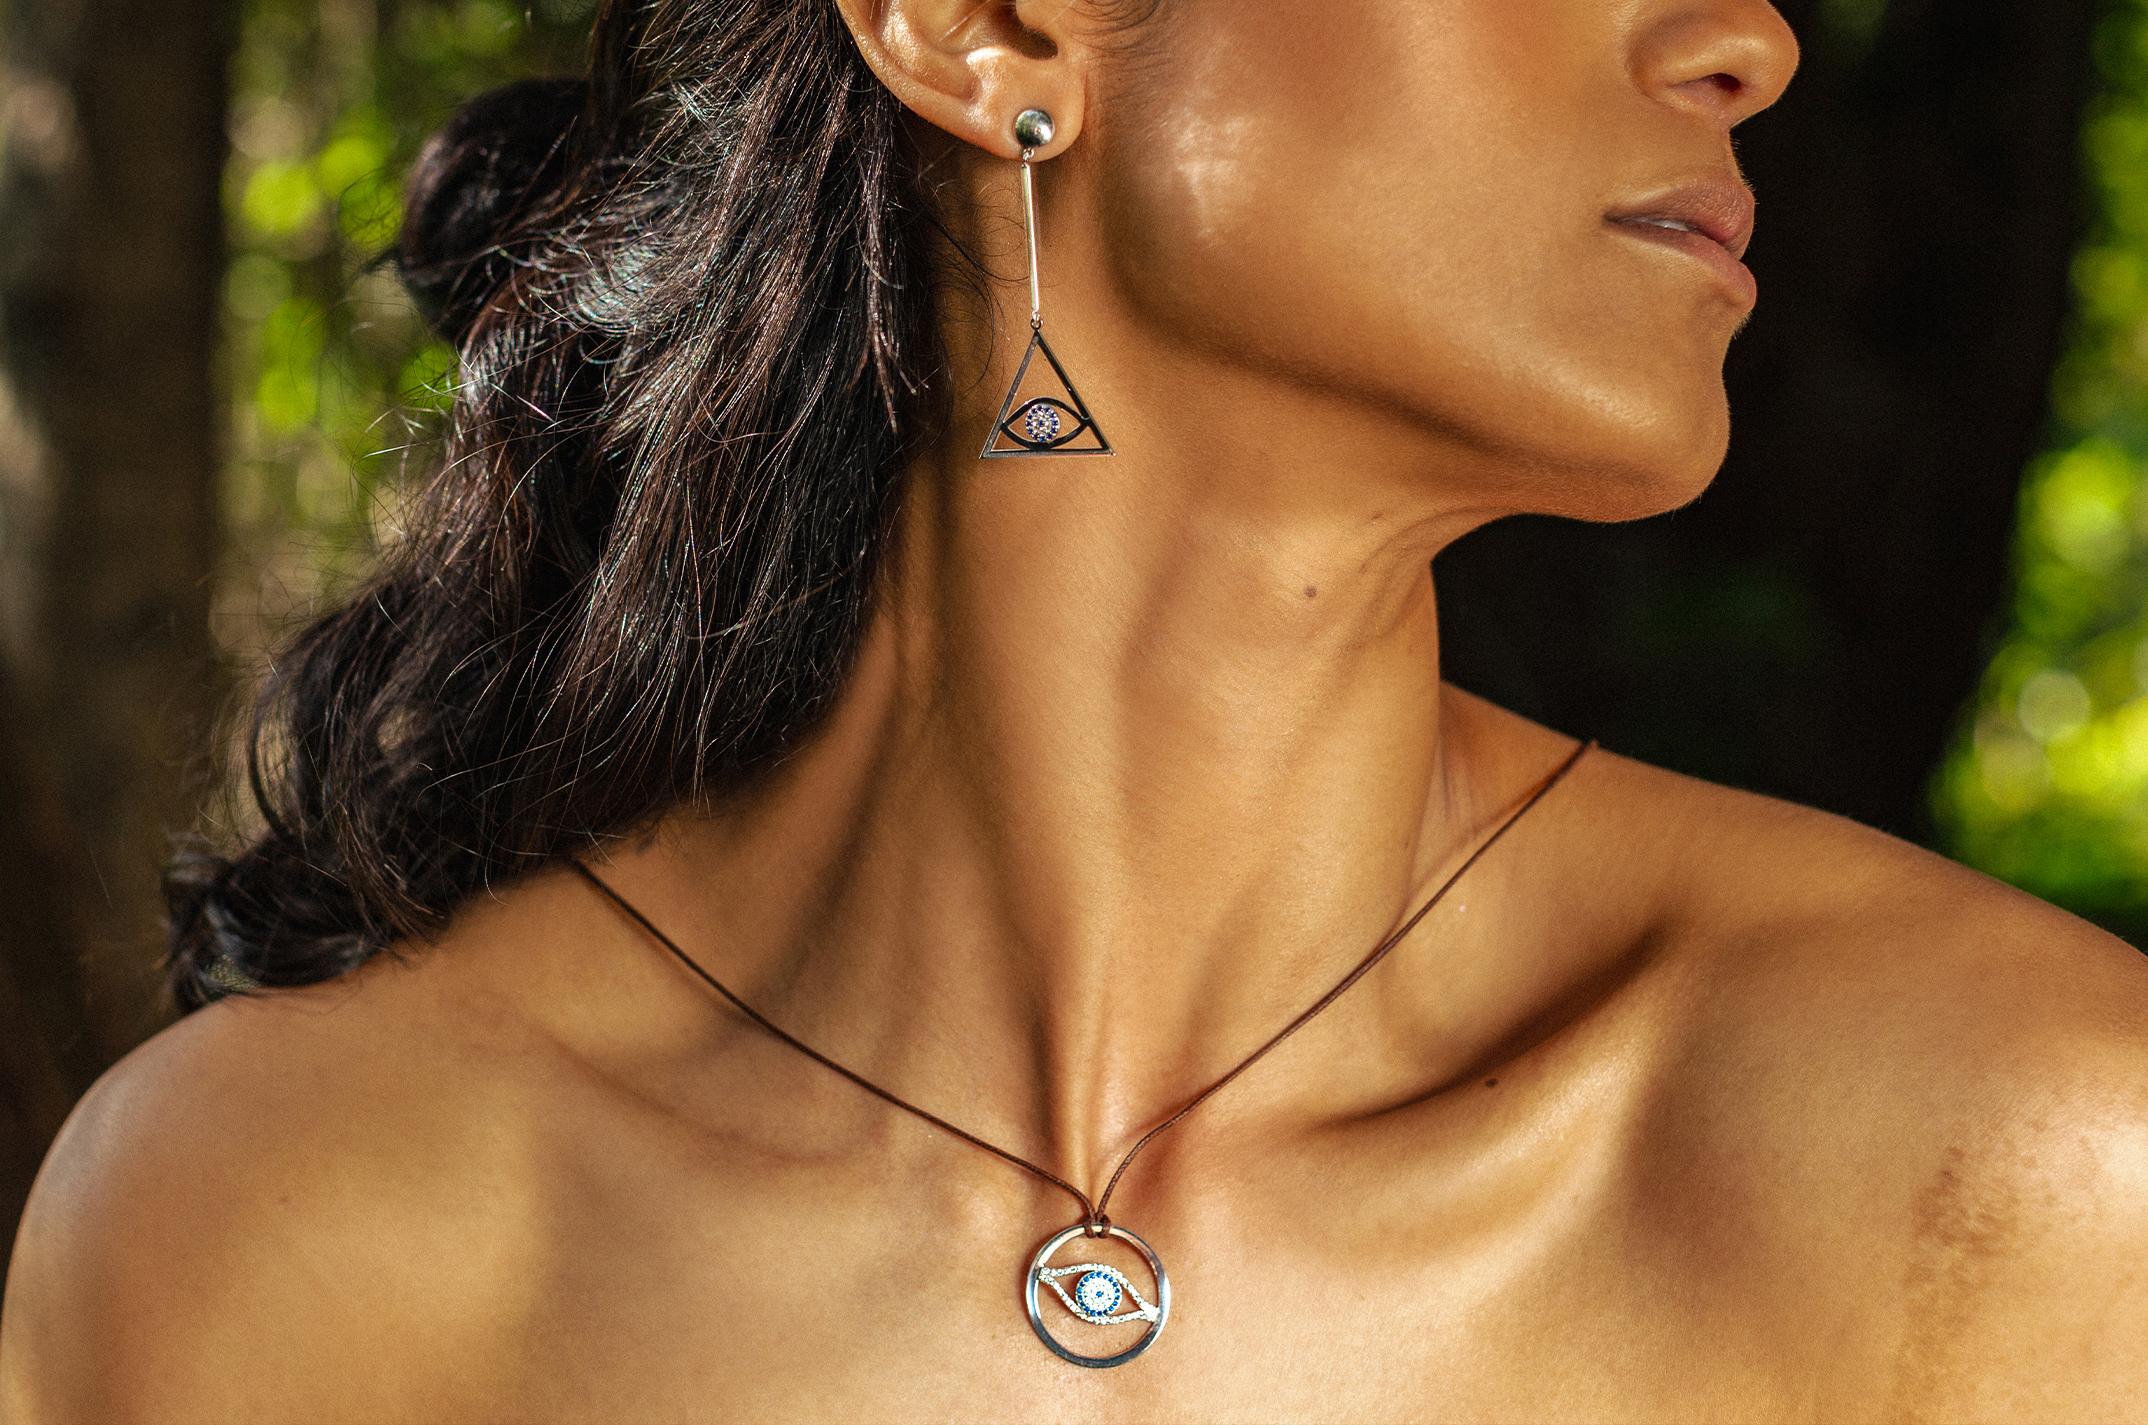 Joia: colar;Material: prata 925 e algodão;Pedras: zirconias;Cor: branco;Medida (Fio): ajustável;Medida (Pendente): 2.5 cm;Género: mulher